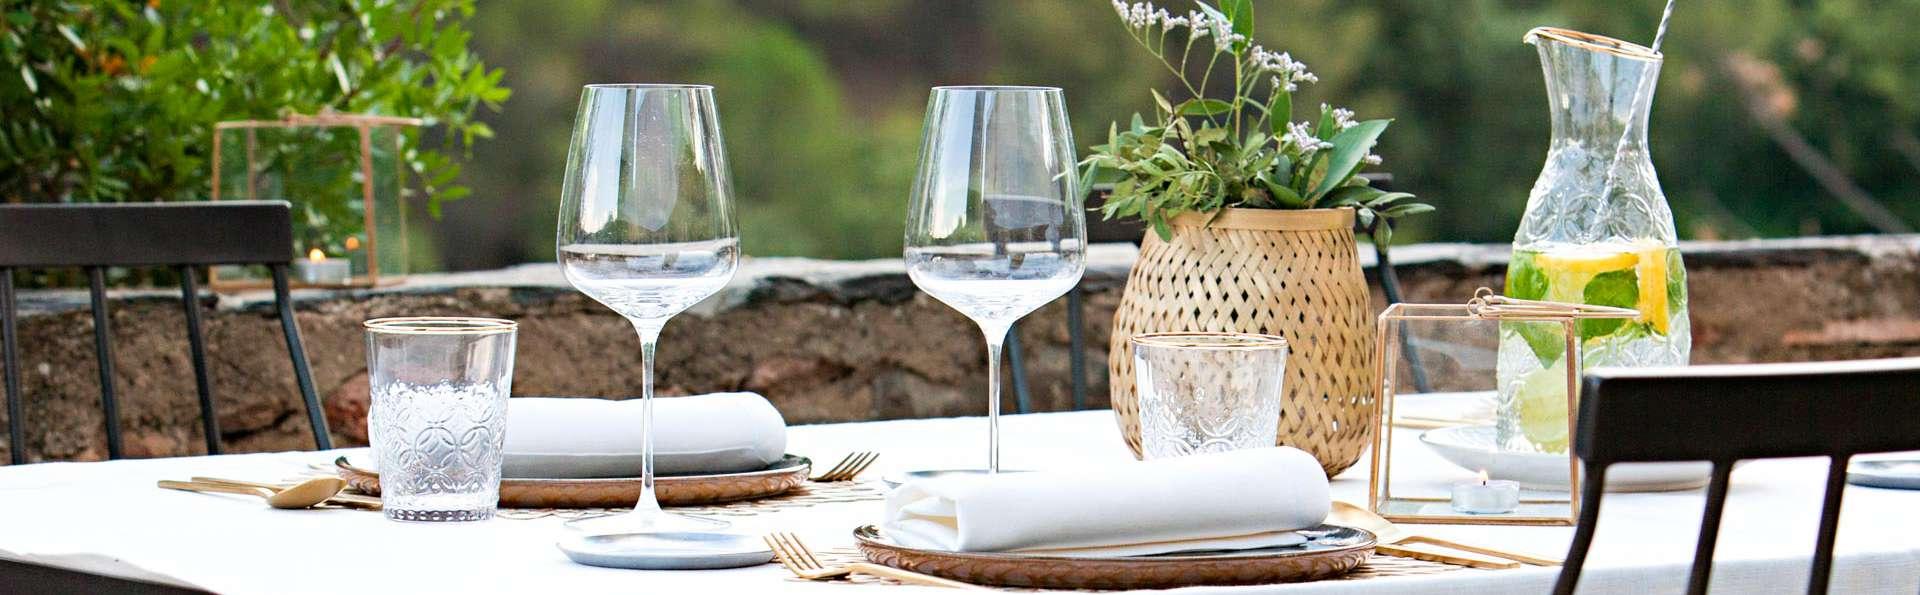 Escapade exclusive avec dîner gastronomique et produits locaux dans un hôtel de charme